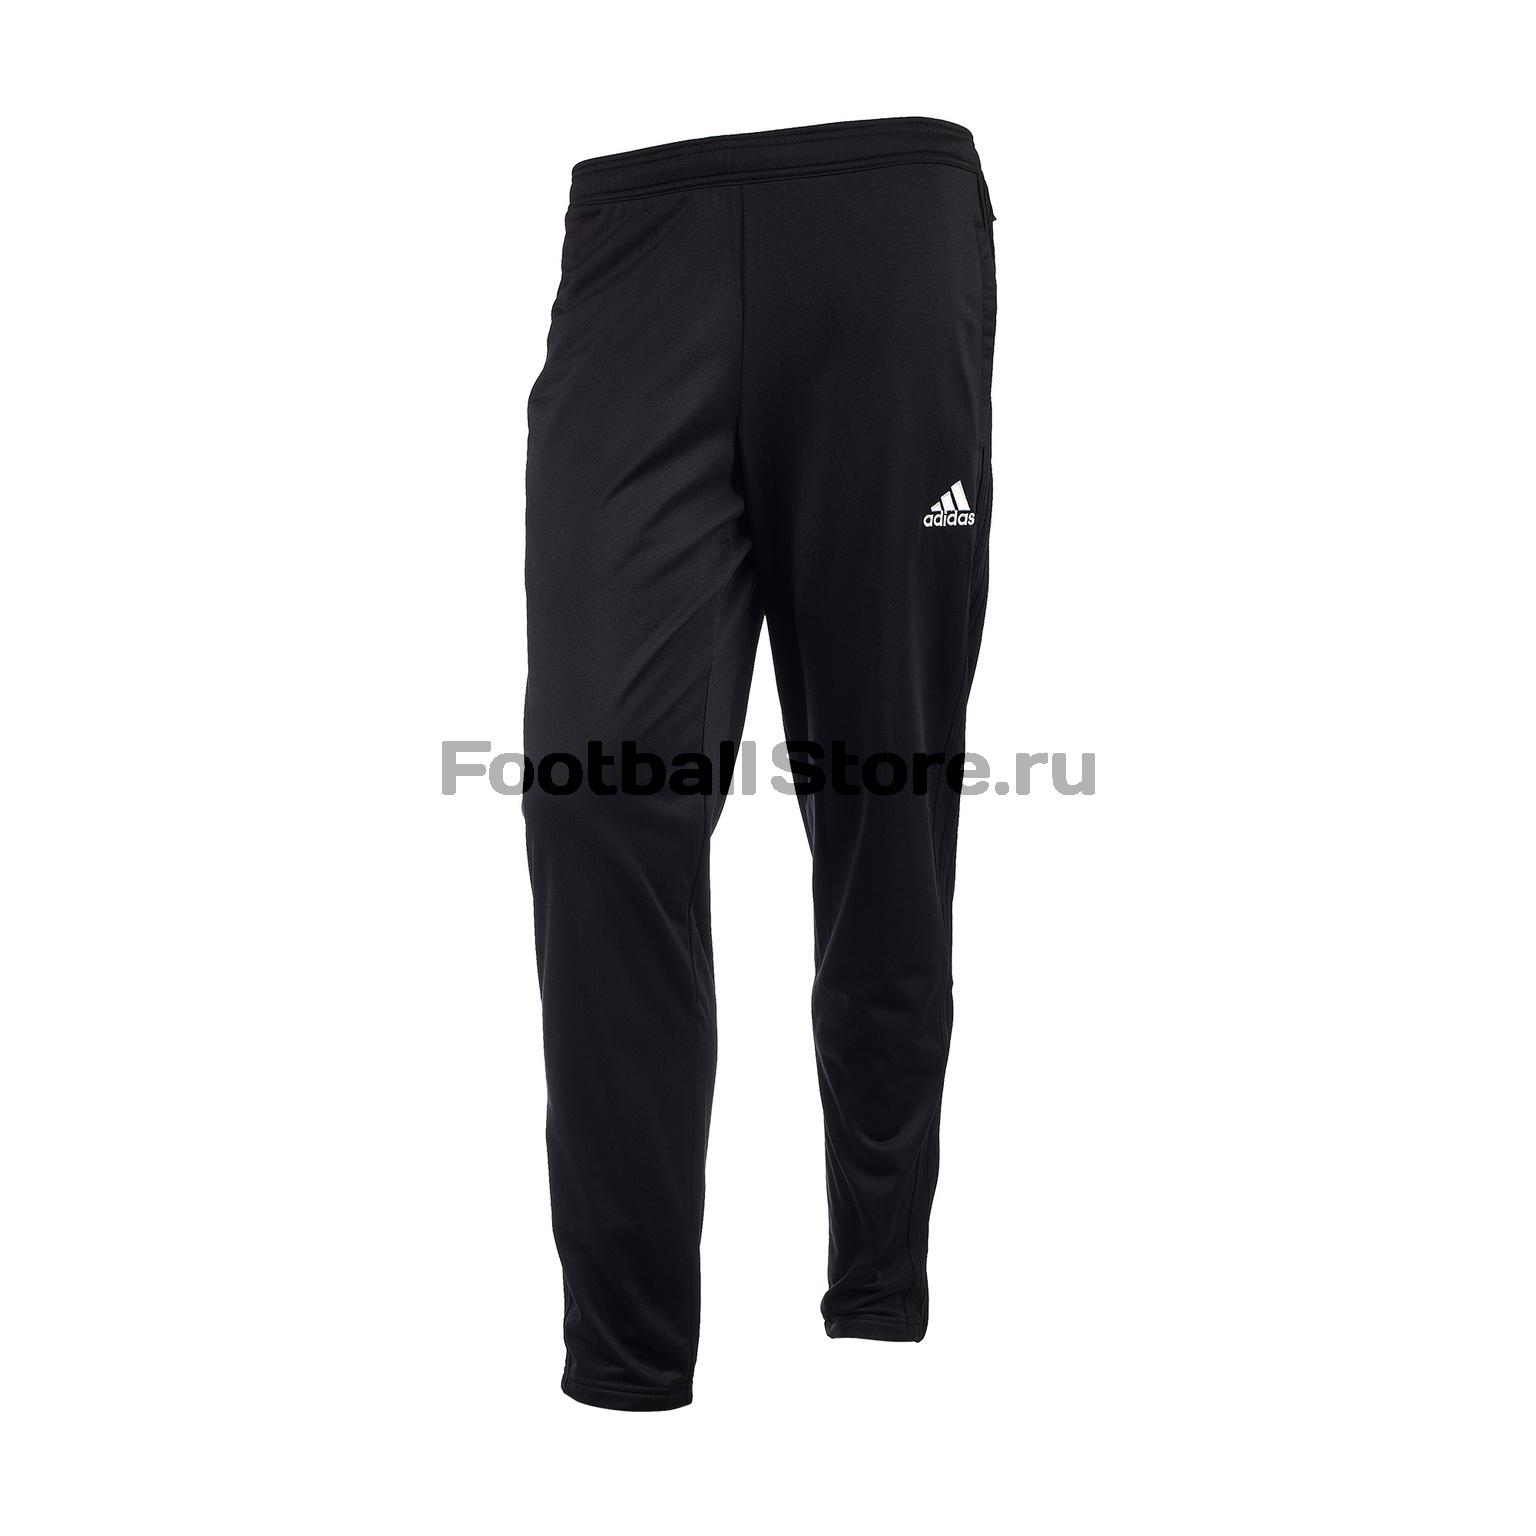 Брюки тренировочные Adidas Con18 Pes Pnt CF4385 брюки adidas брюки тренировочные adidas tiro17 swt pnt ay2960